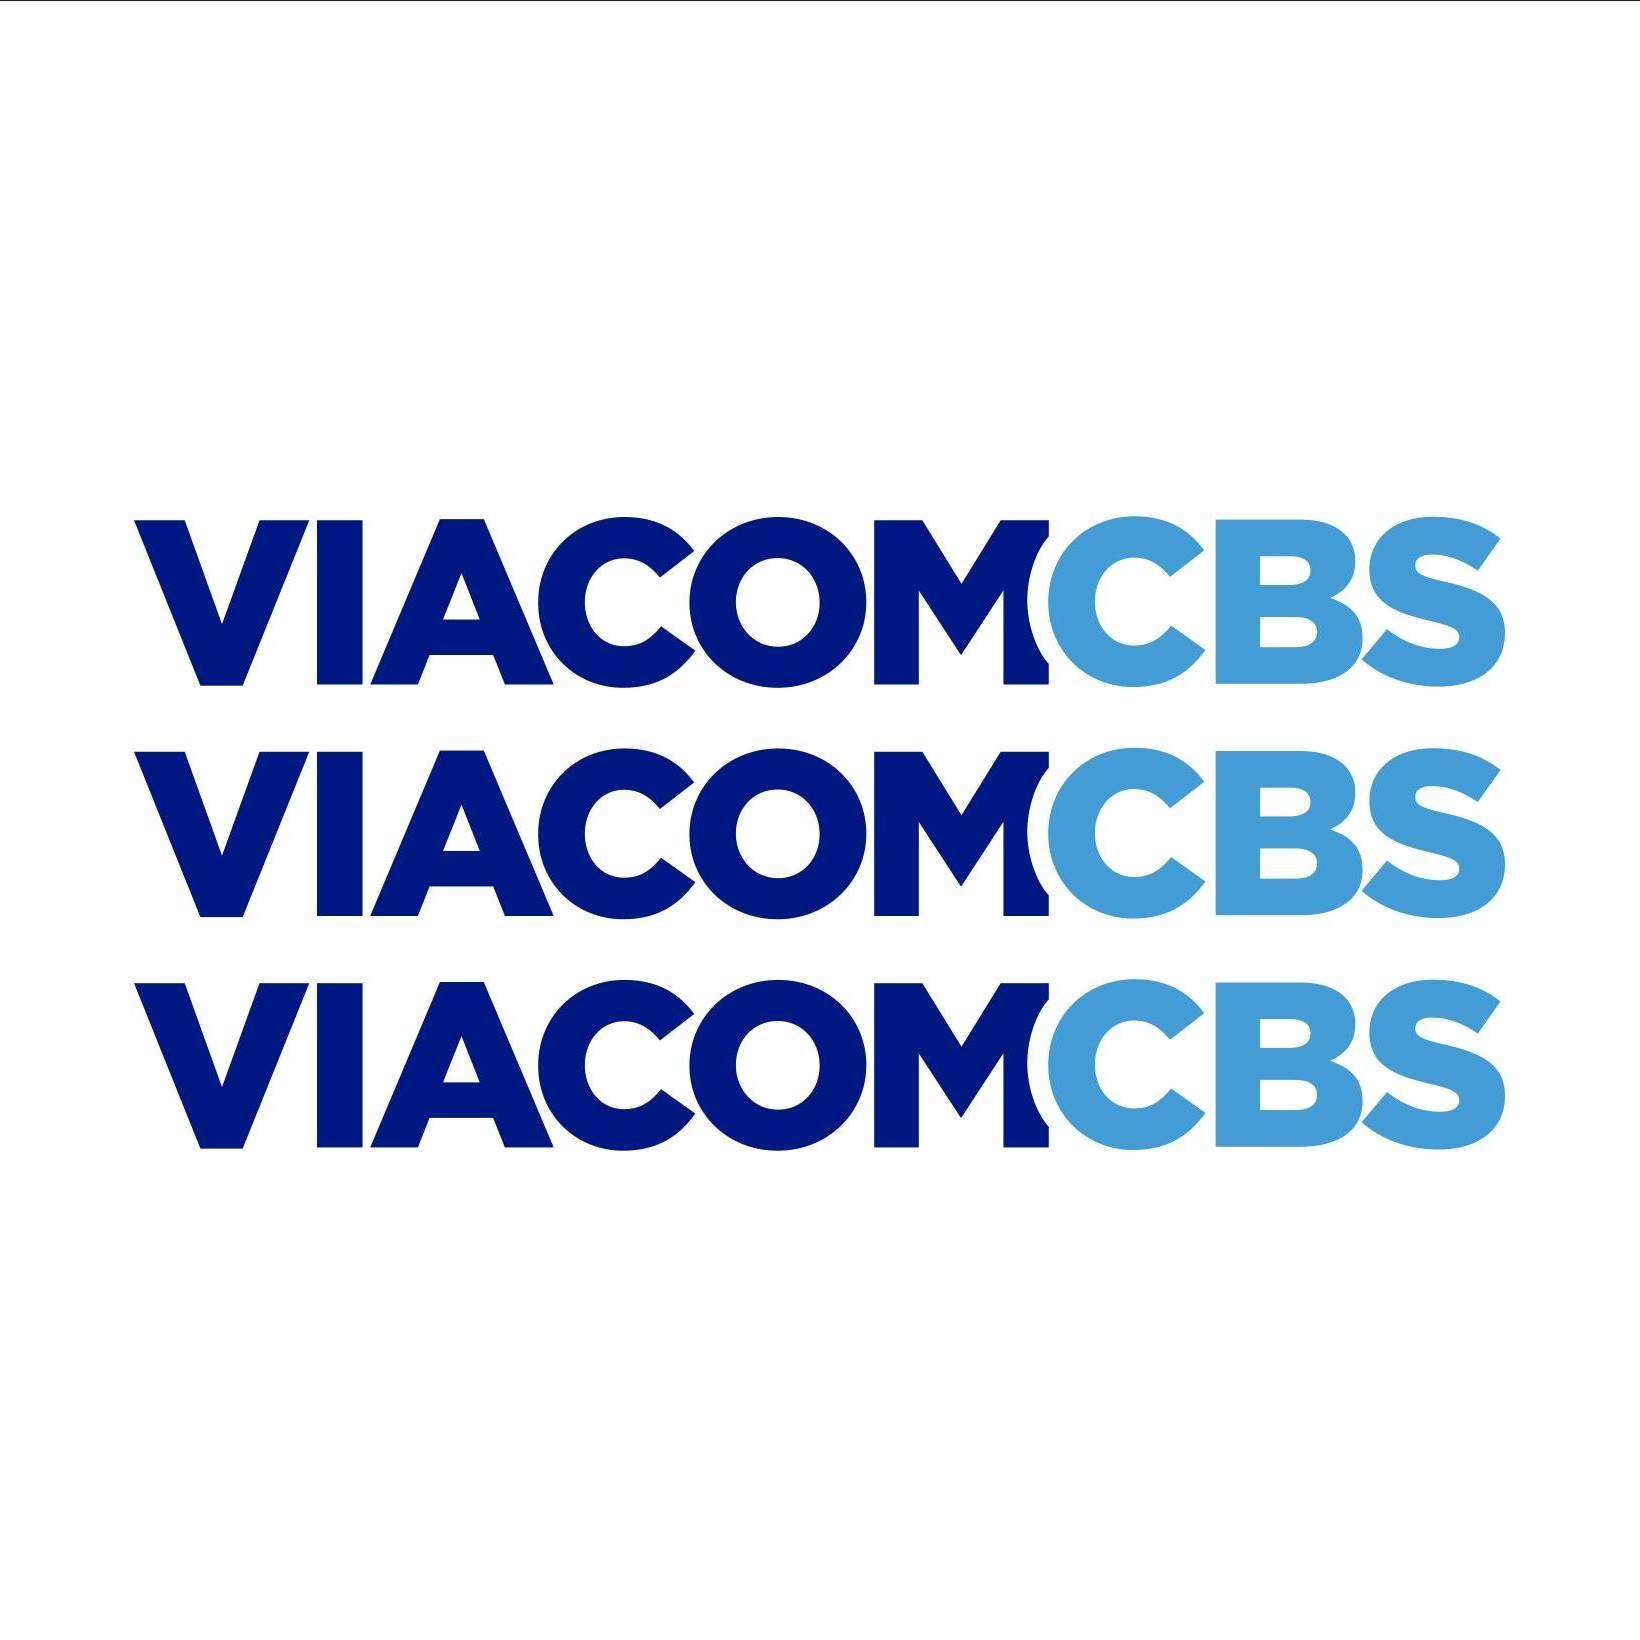 Viacom cbs 3x